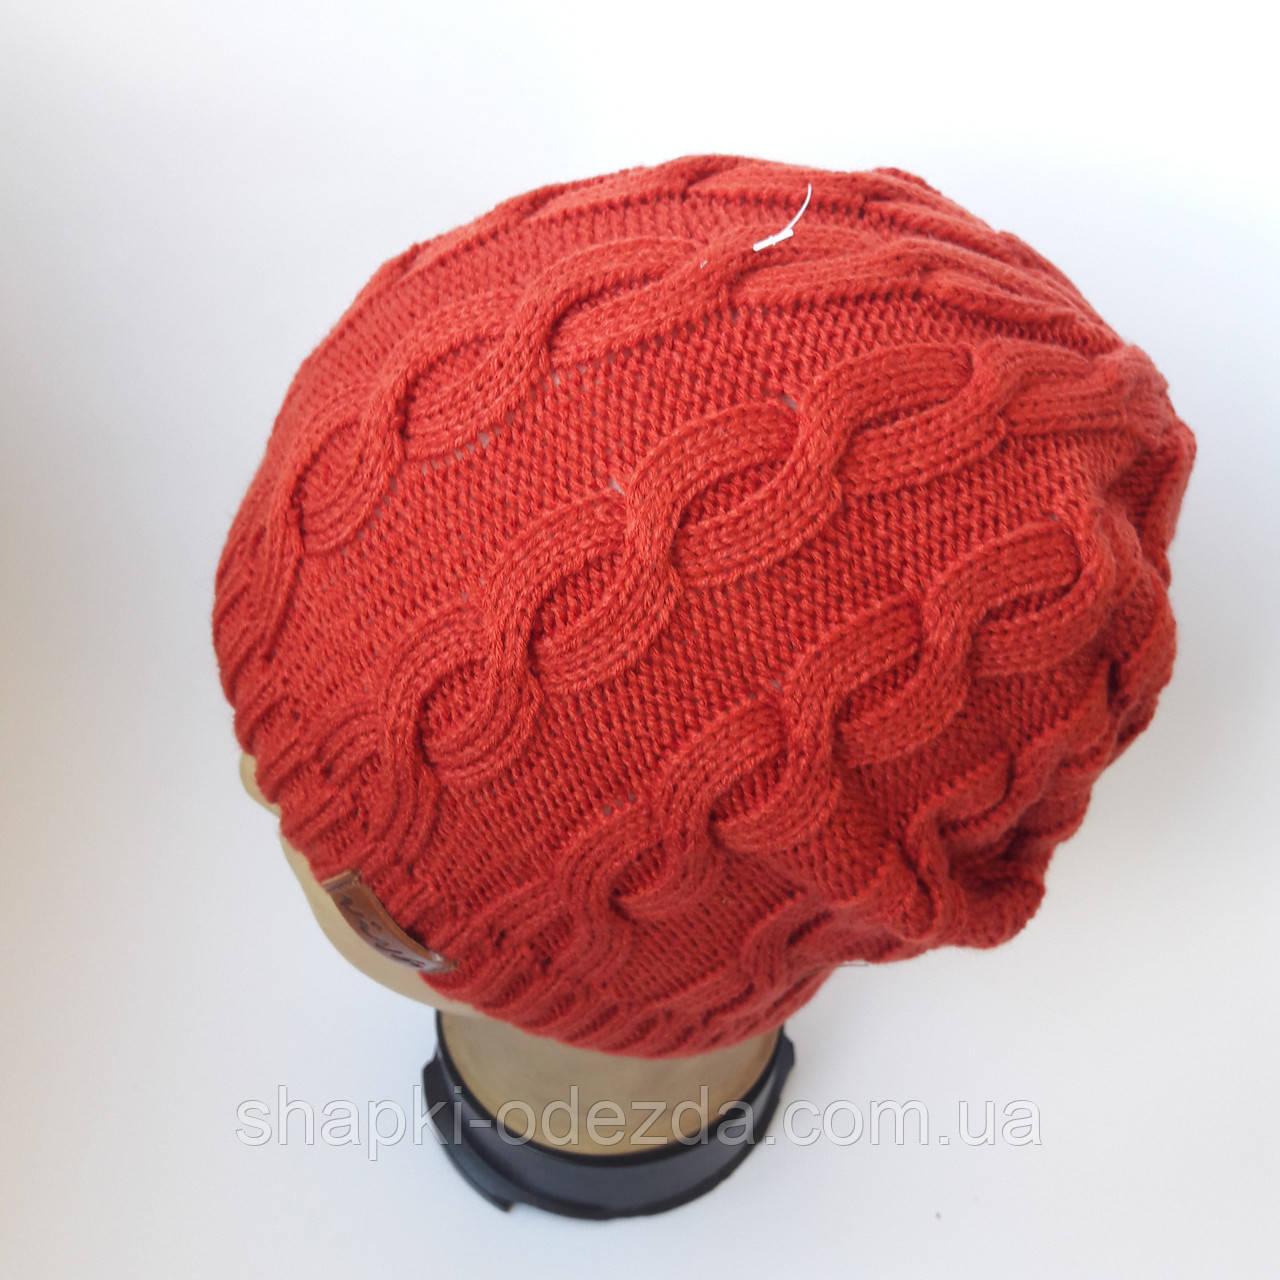 Женска шапка коса на флисе